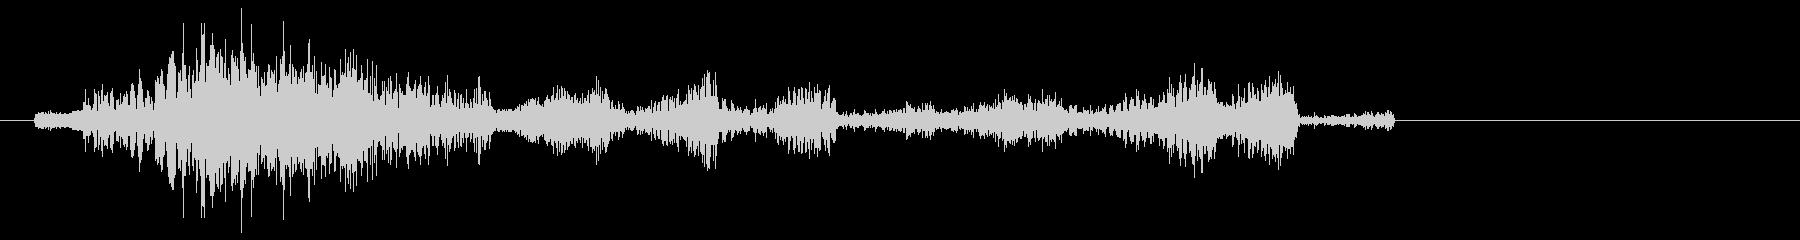 ブシュギュルル (消失、退却の効果音)の未再生の波形